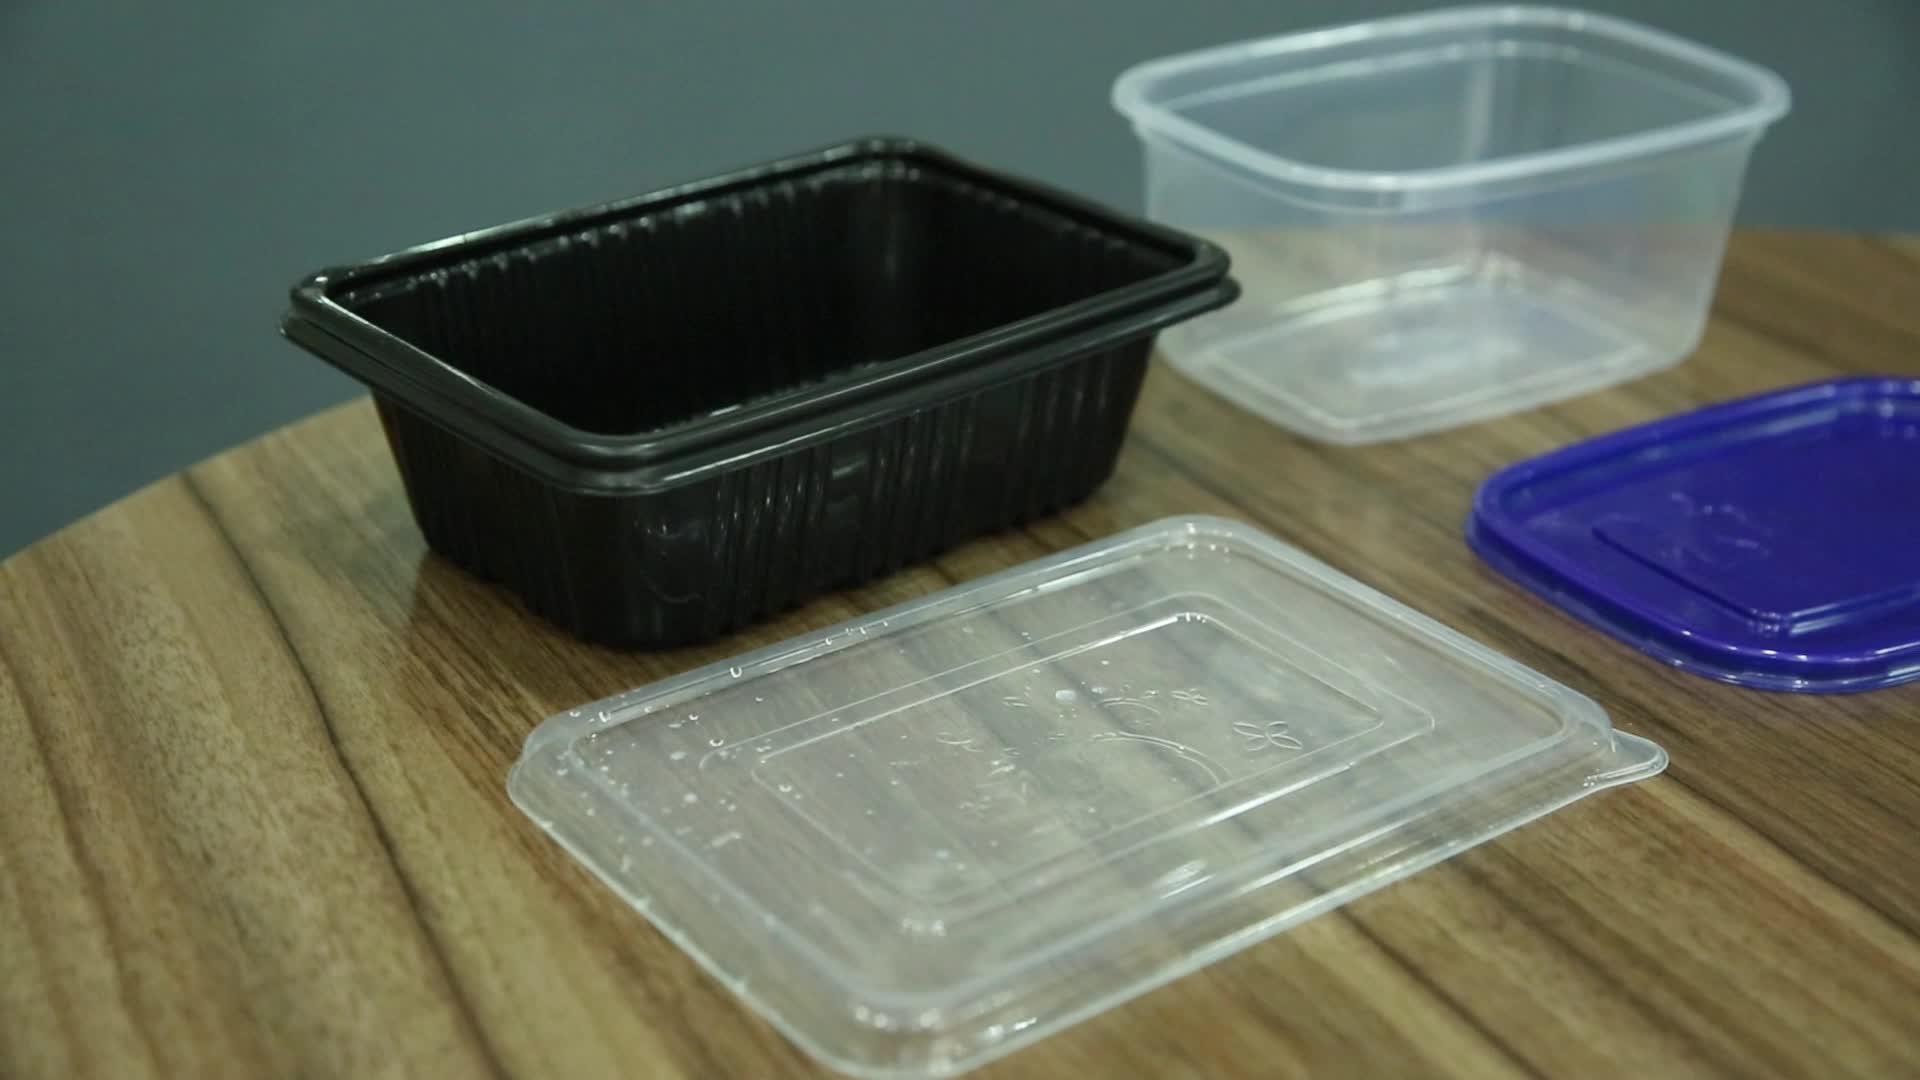 Chaofan Китай высокое качество сохранения свежести пластиковый контейнер для хранения еды комплект